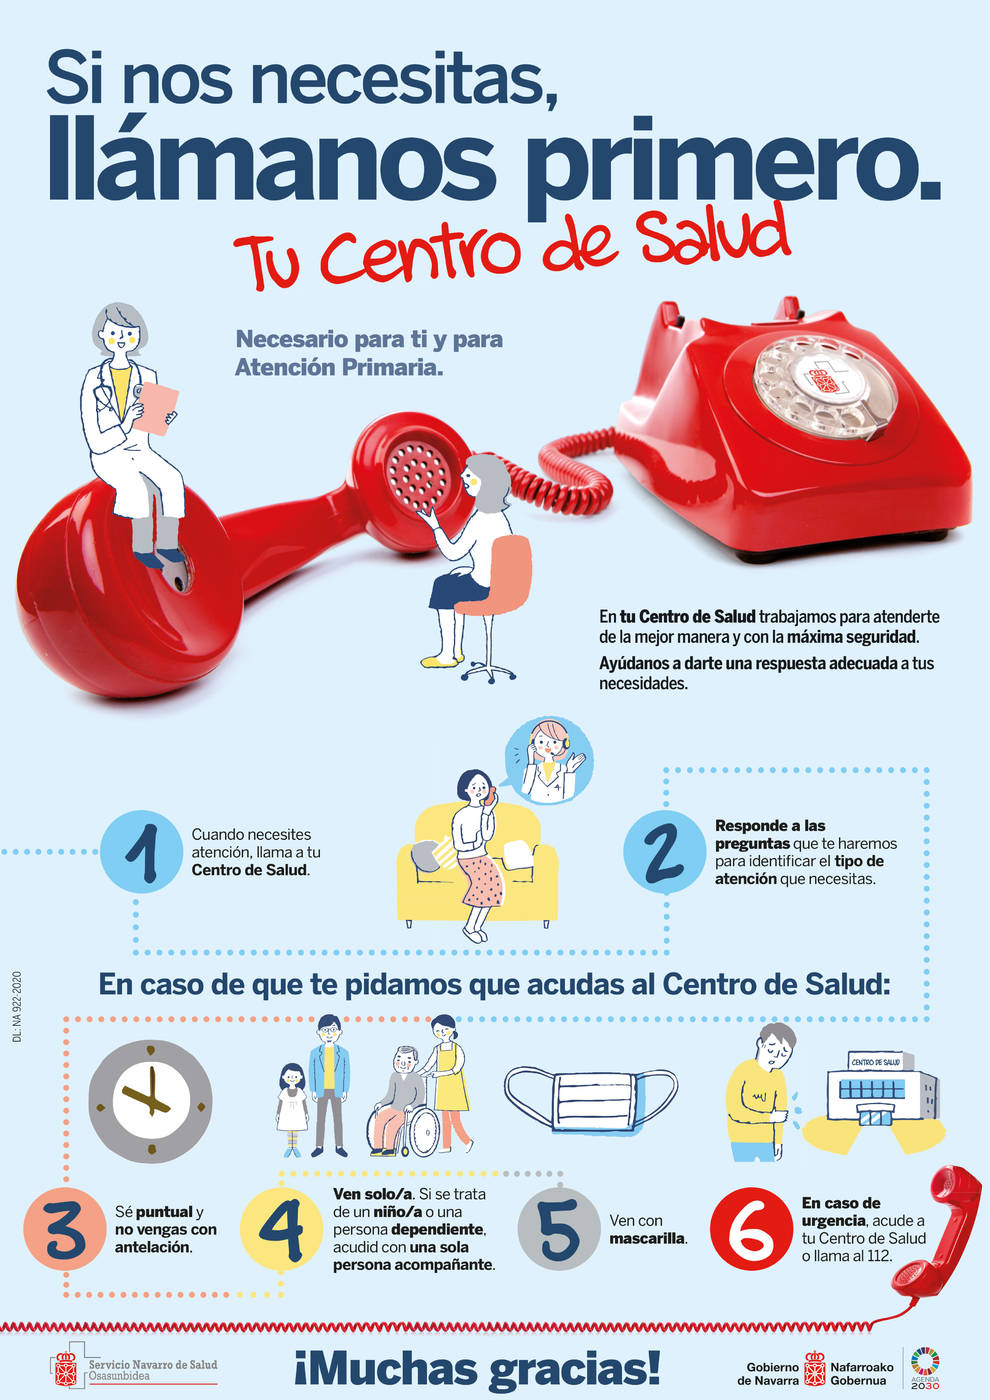 Salud lanza una campaña para reforzar la seguridad en Atención Primaria